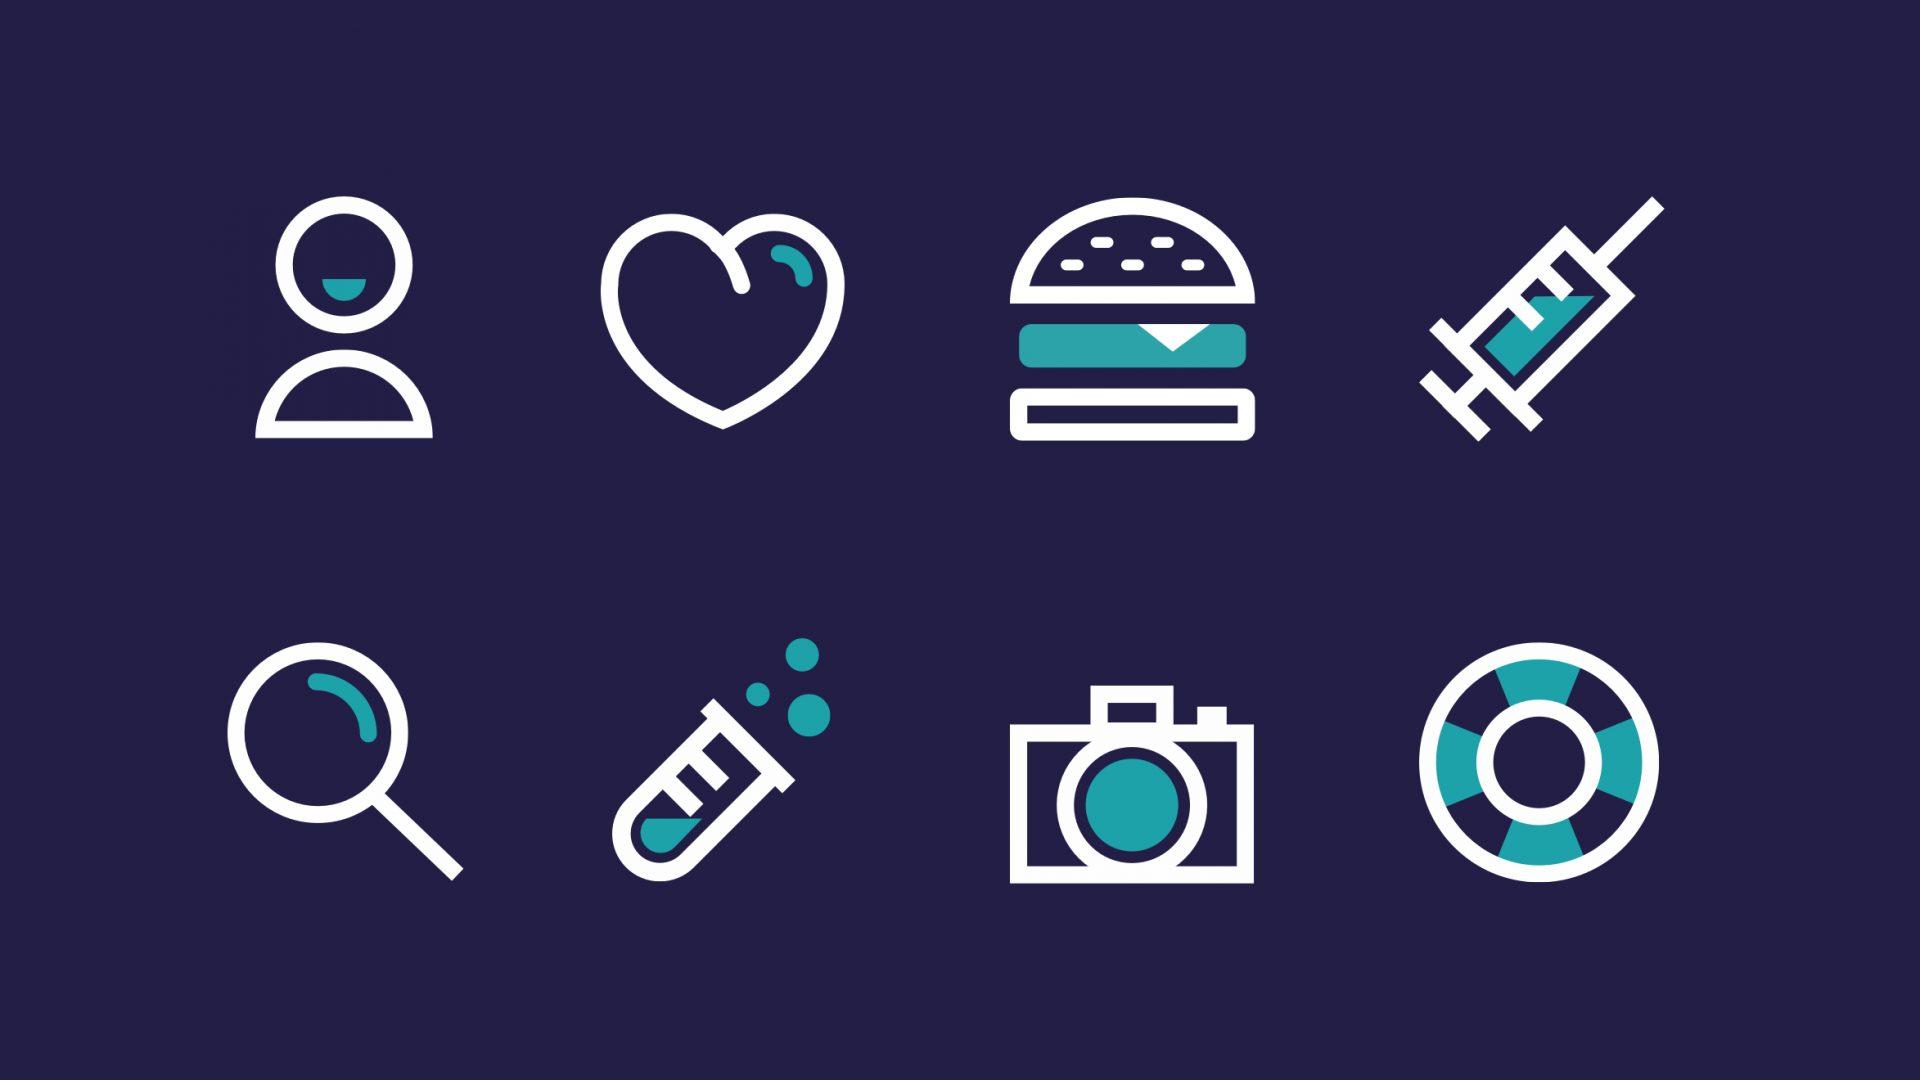 Bigü, set d'icônes vectorielles gratuites - Banner